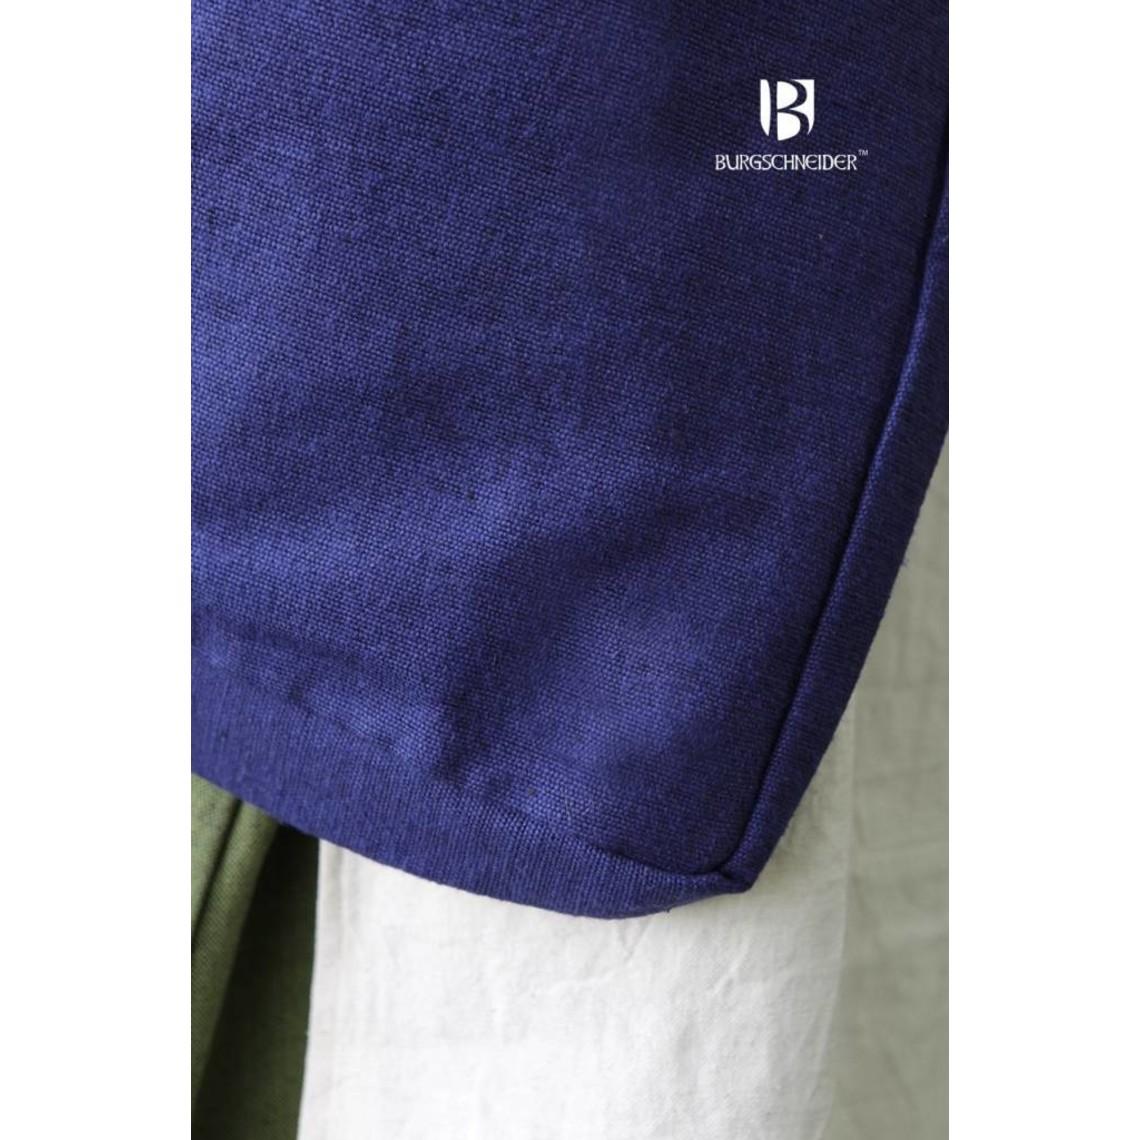 Burgschneider Medeltida väska Ehwaz, blå